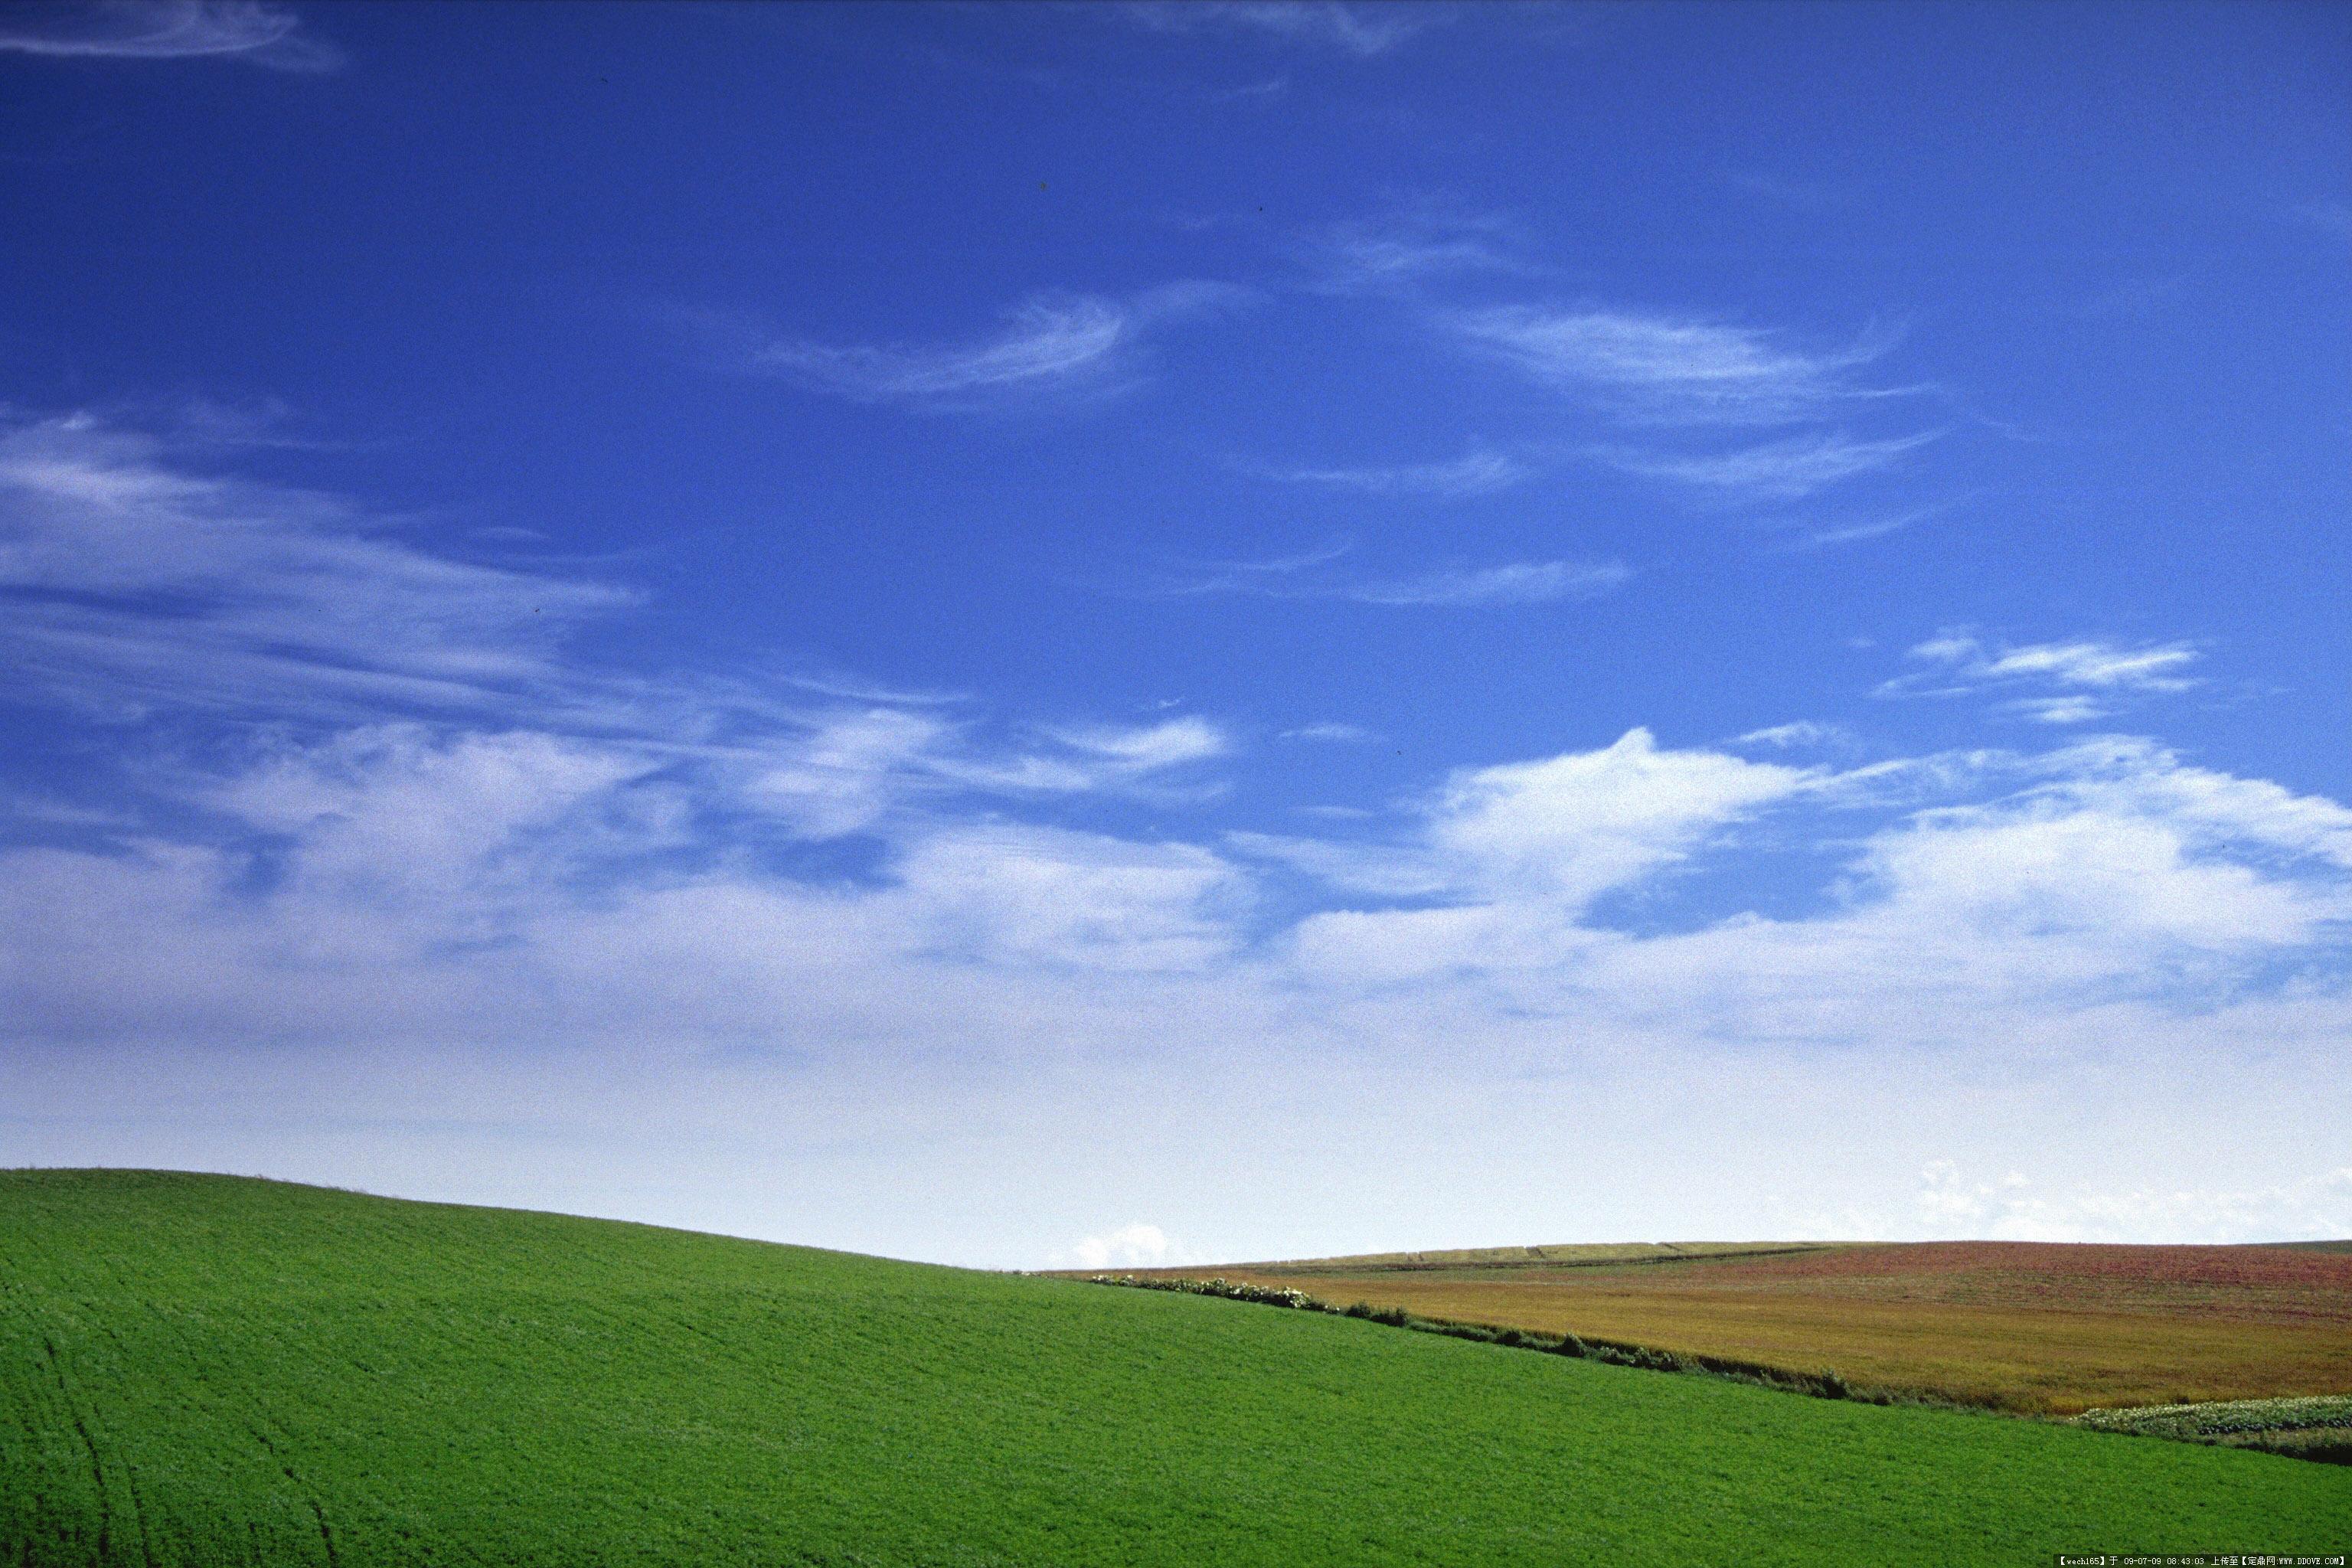 各种蓝天图片的图片浏览,配景素材,天空素材,园林建筑